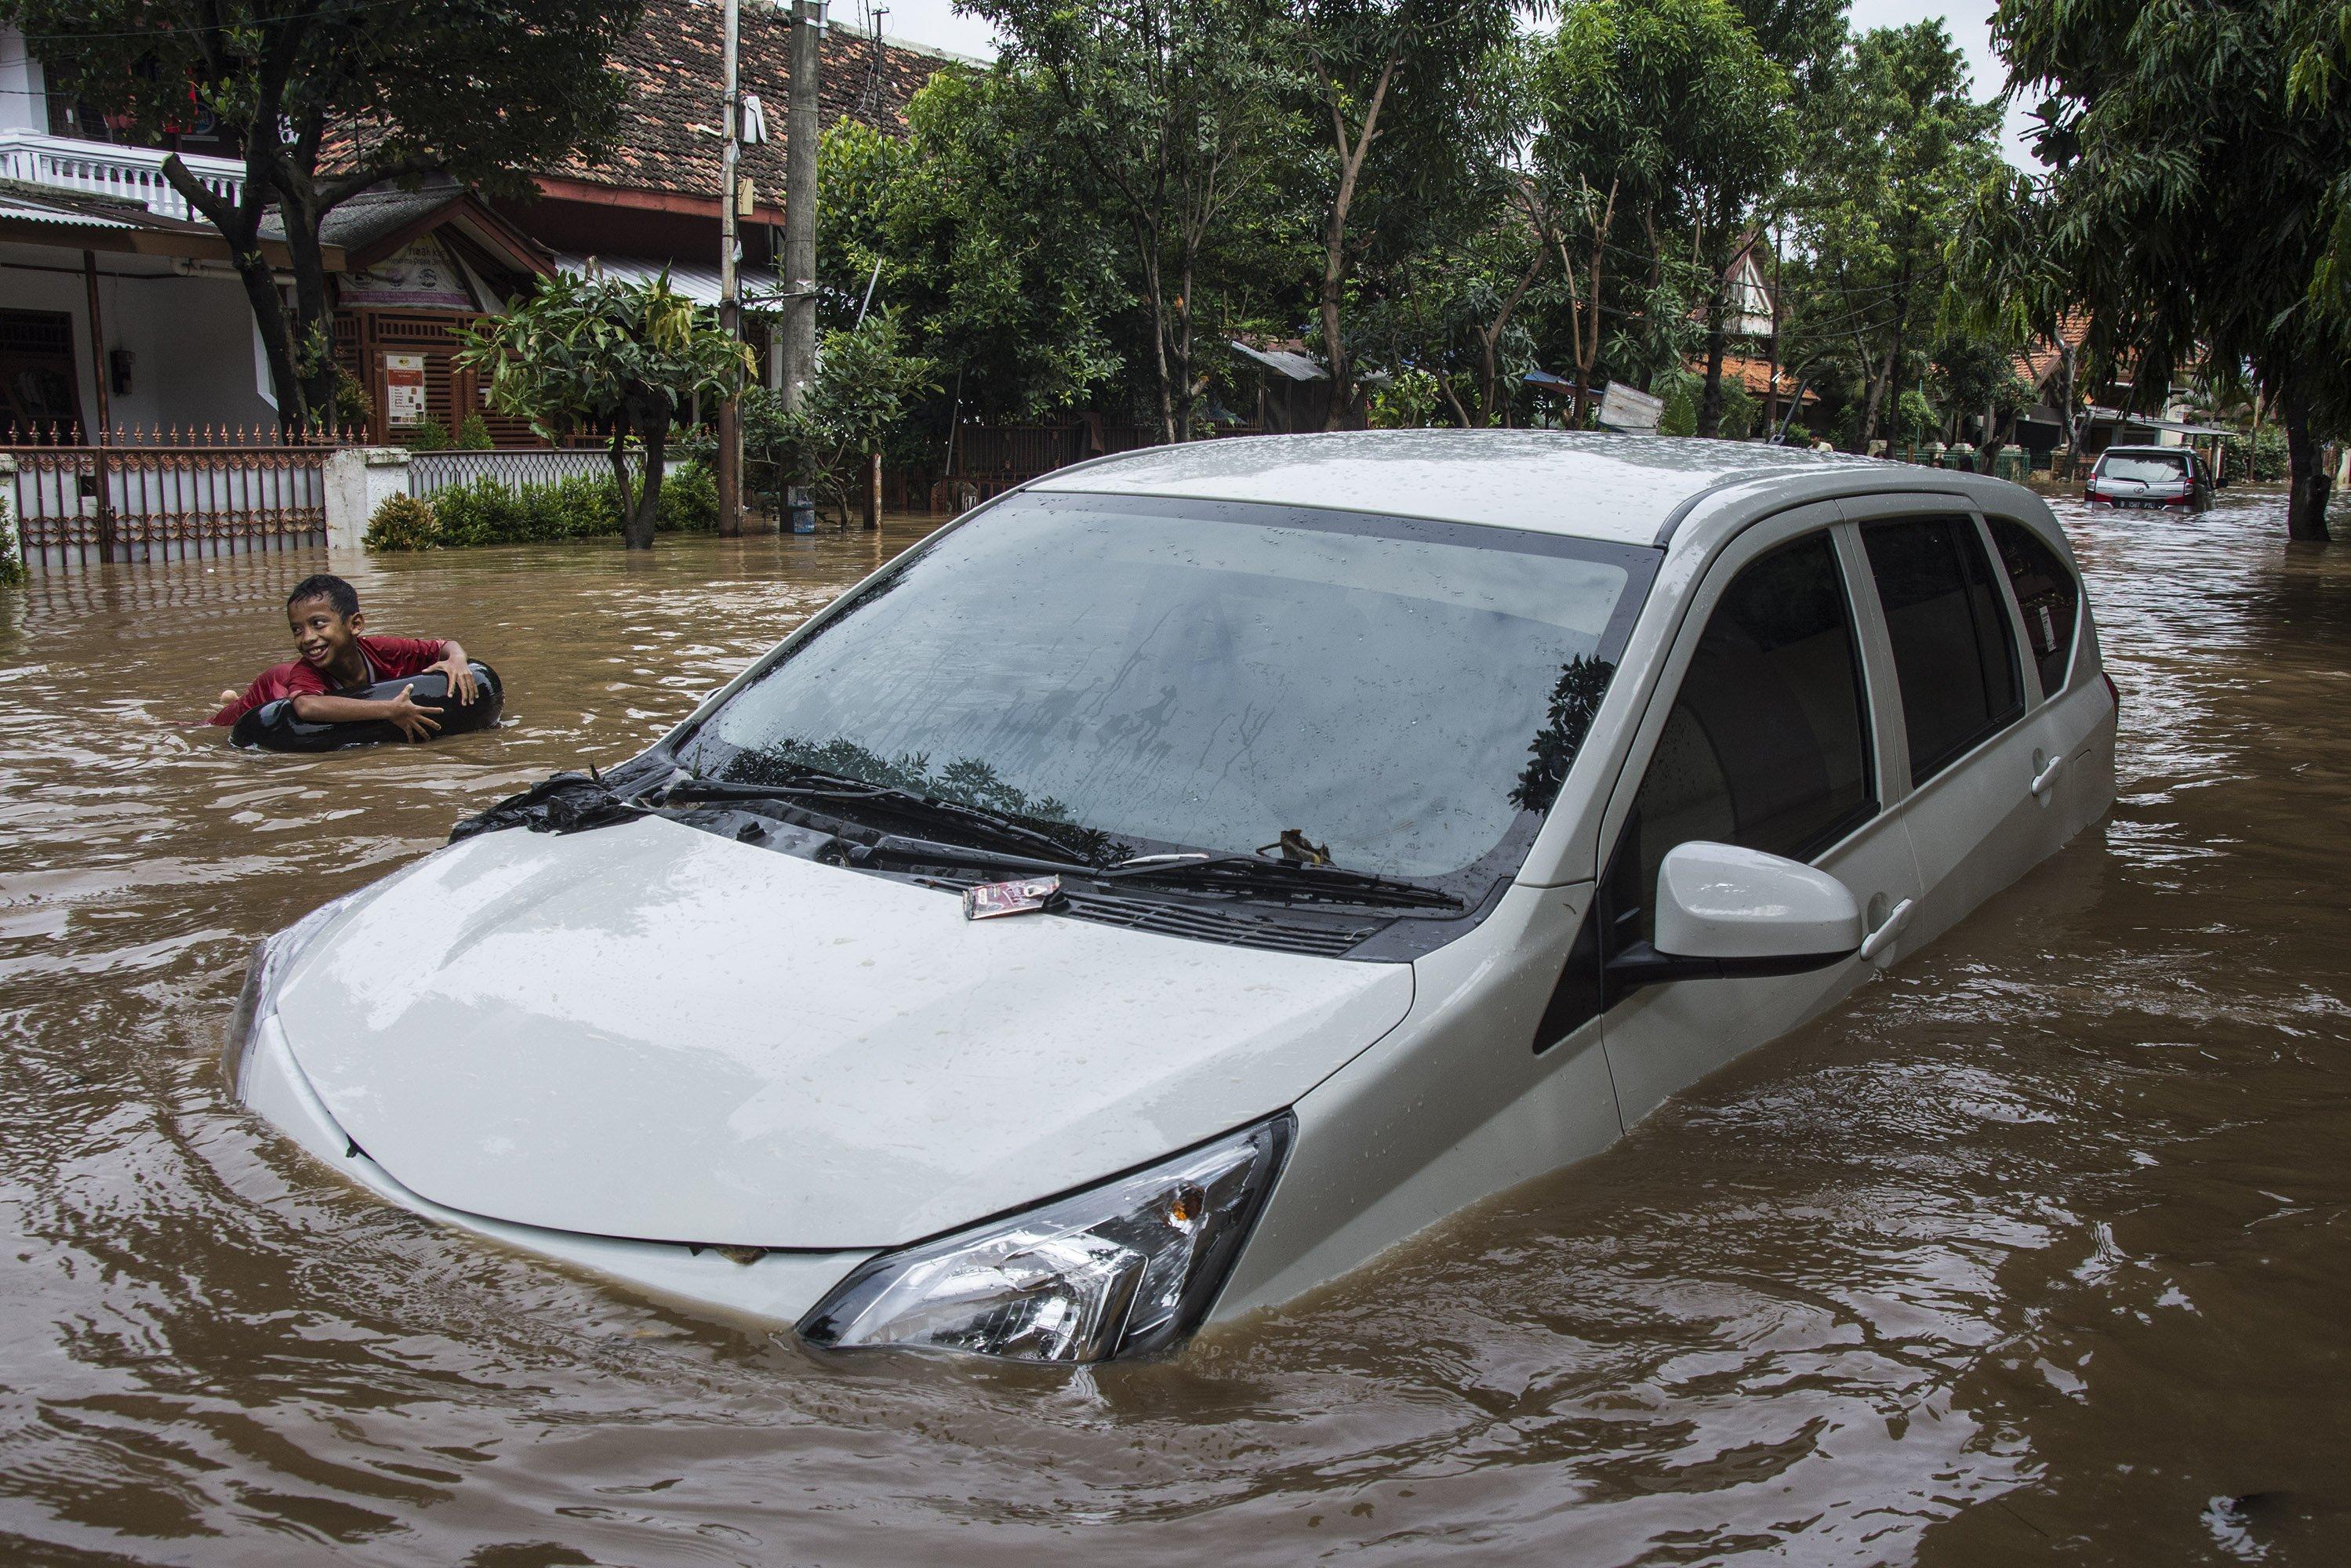 Seorang anak bermain air di dekat mobil yang terendam air luapan Sungai Ciliwung di RT 001 RW 02 Kelurahan Bukitduri, Tebet Jakarta, Kamis (16/2). Banjir kiriman itu menggenangi sejumlah wilayah bantaran kali, seperti Bukit Duri, Tebet, Rawajati, Kalibata, Jatinegara, dan sejumlah wilayah lainnya dengan ketinggian genangan air bervariasi di wilayah-wilayah tersebut.